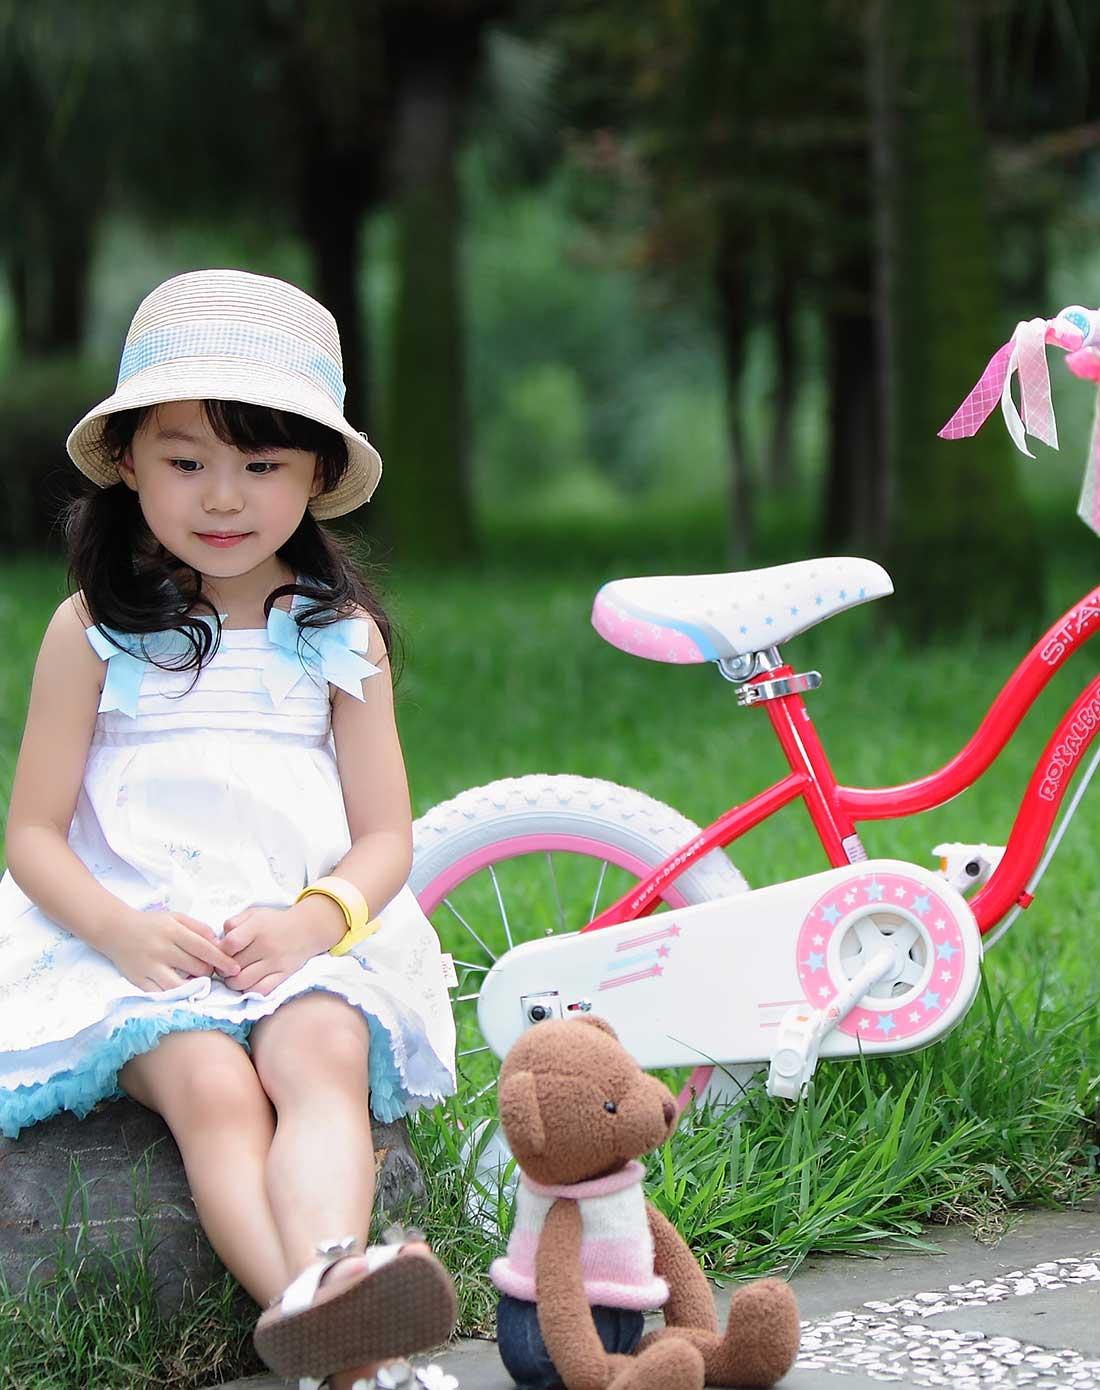 优贝royalbaby儿童自行车专场14寸星女孩车-粉色rg14g